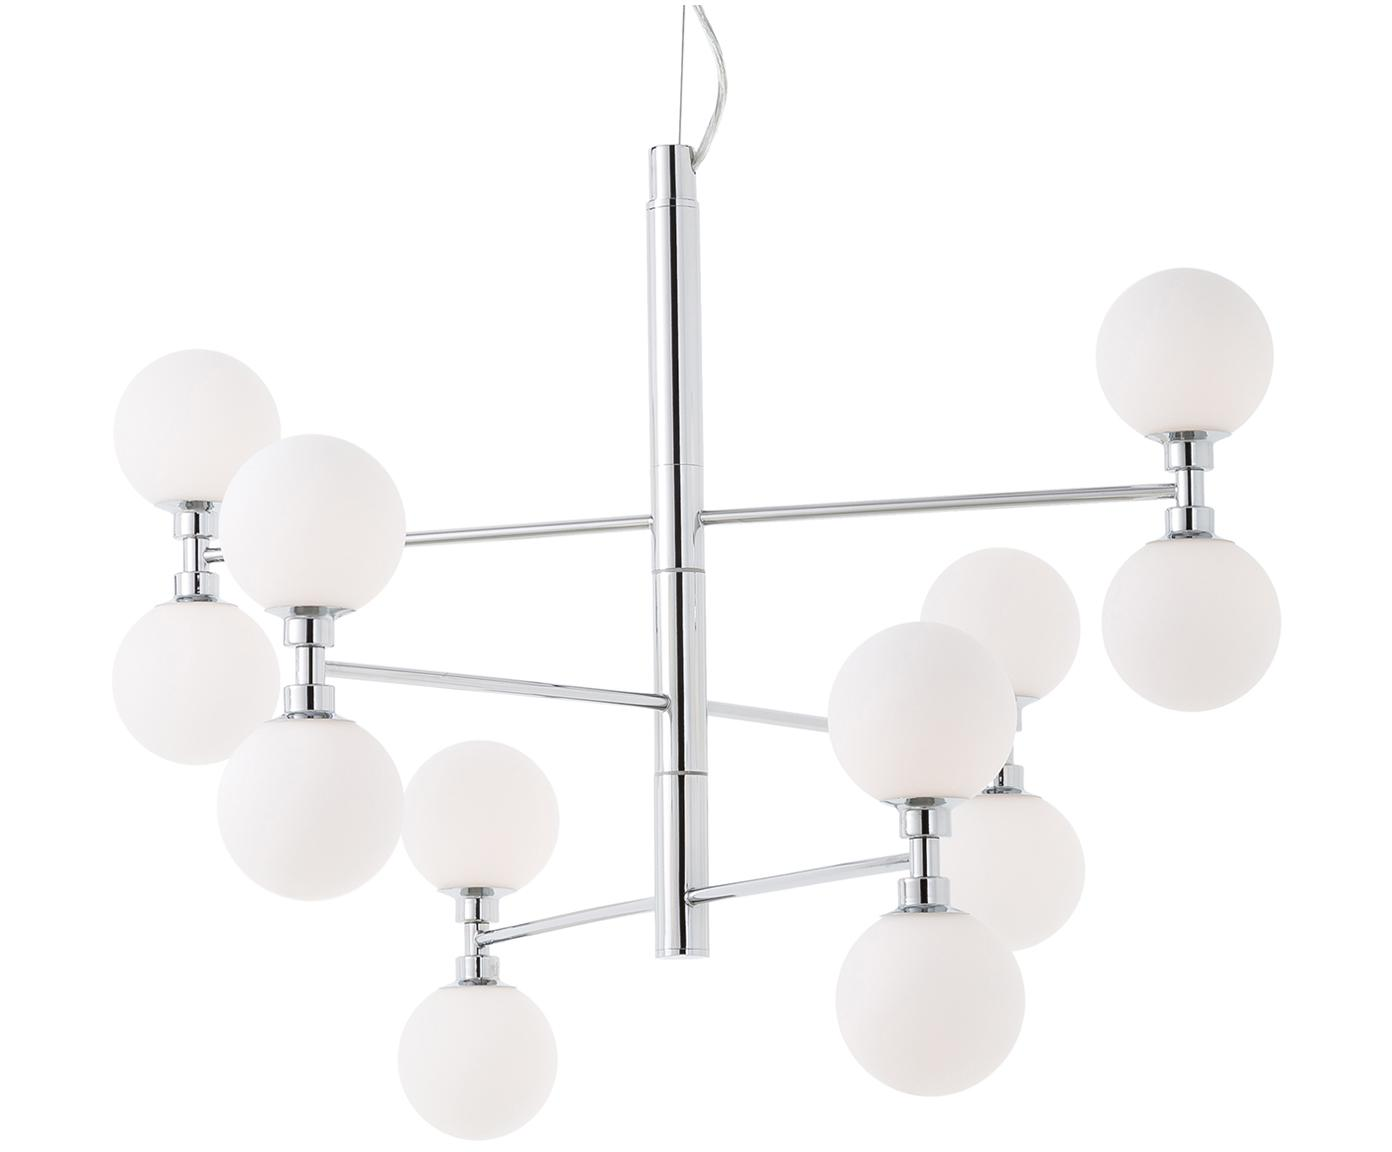 Lampa wisząca Grover, Chrom, Ø 70 x W 56 cm